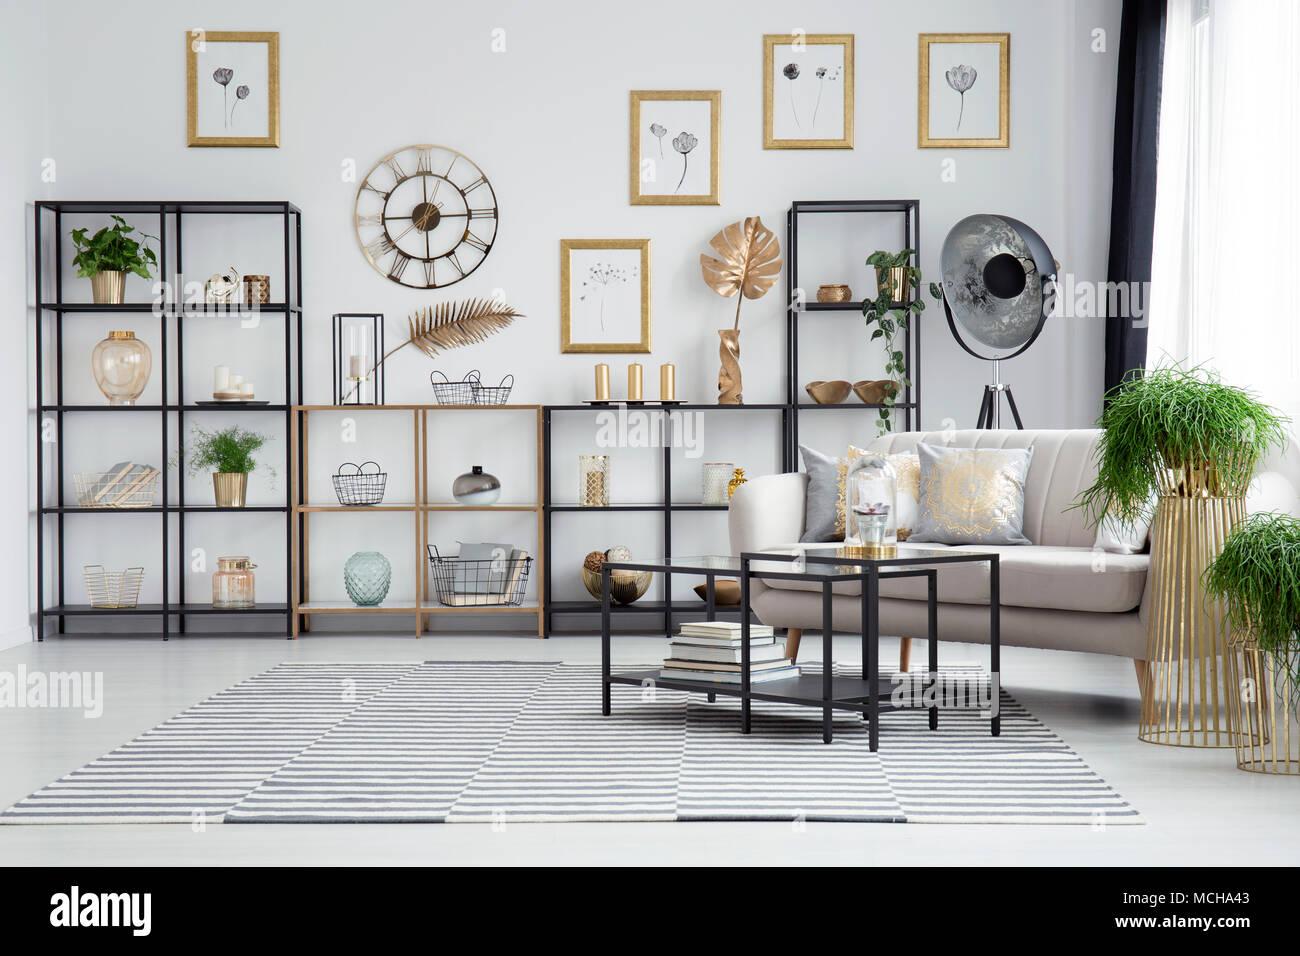 Schwarz Tisch Neben Couch Und Pflanzen Im Wohnzimmer Innenraum Mit Rundem  Gold Uhr Auf Der Wand über Regale